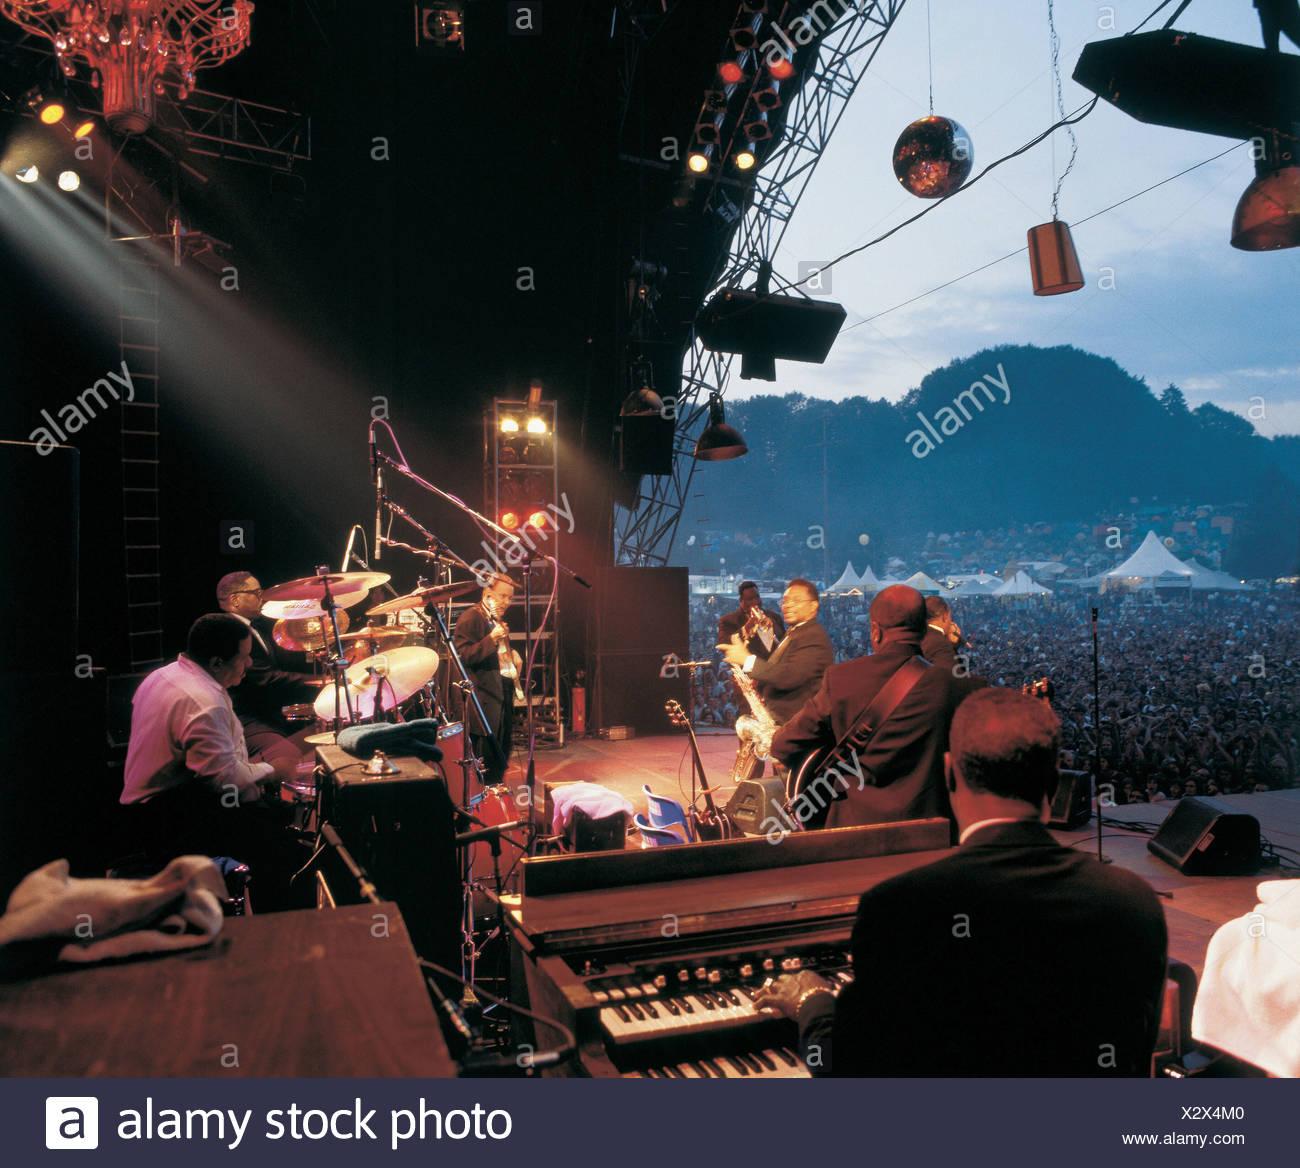 Anordnung Festival Musik Konzert keine Modellfreigabe öffnen Luft St. Gallen Zuschauer Freilichtbühne richtet Stockbild